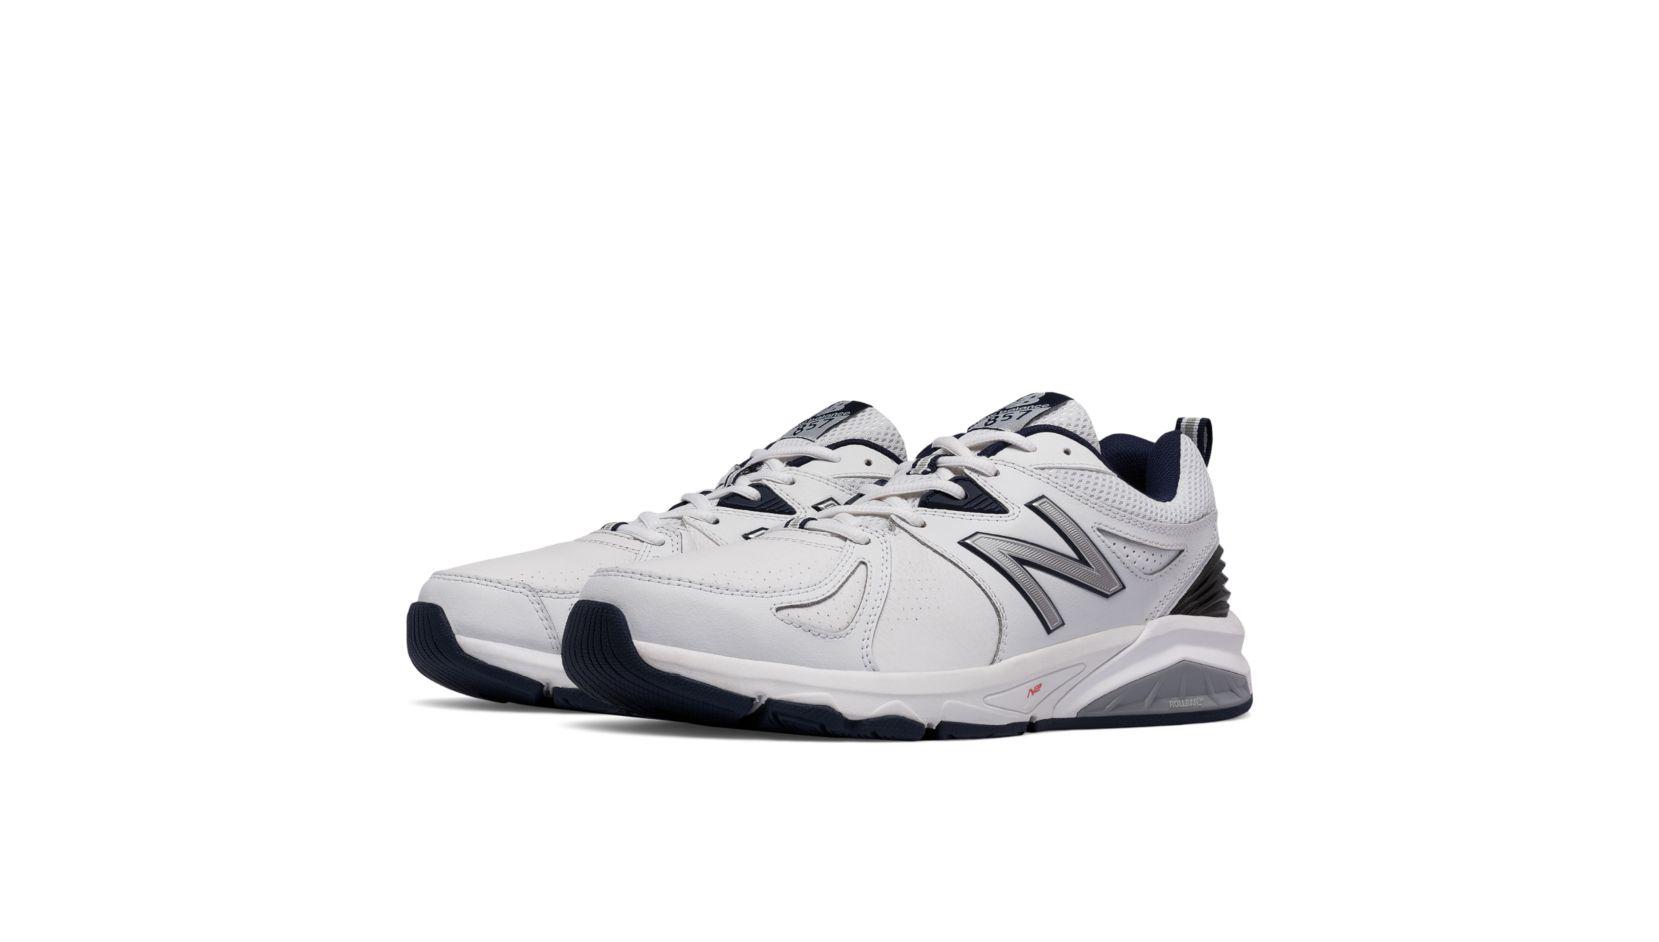 New Balance 857v2, White with Navy